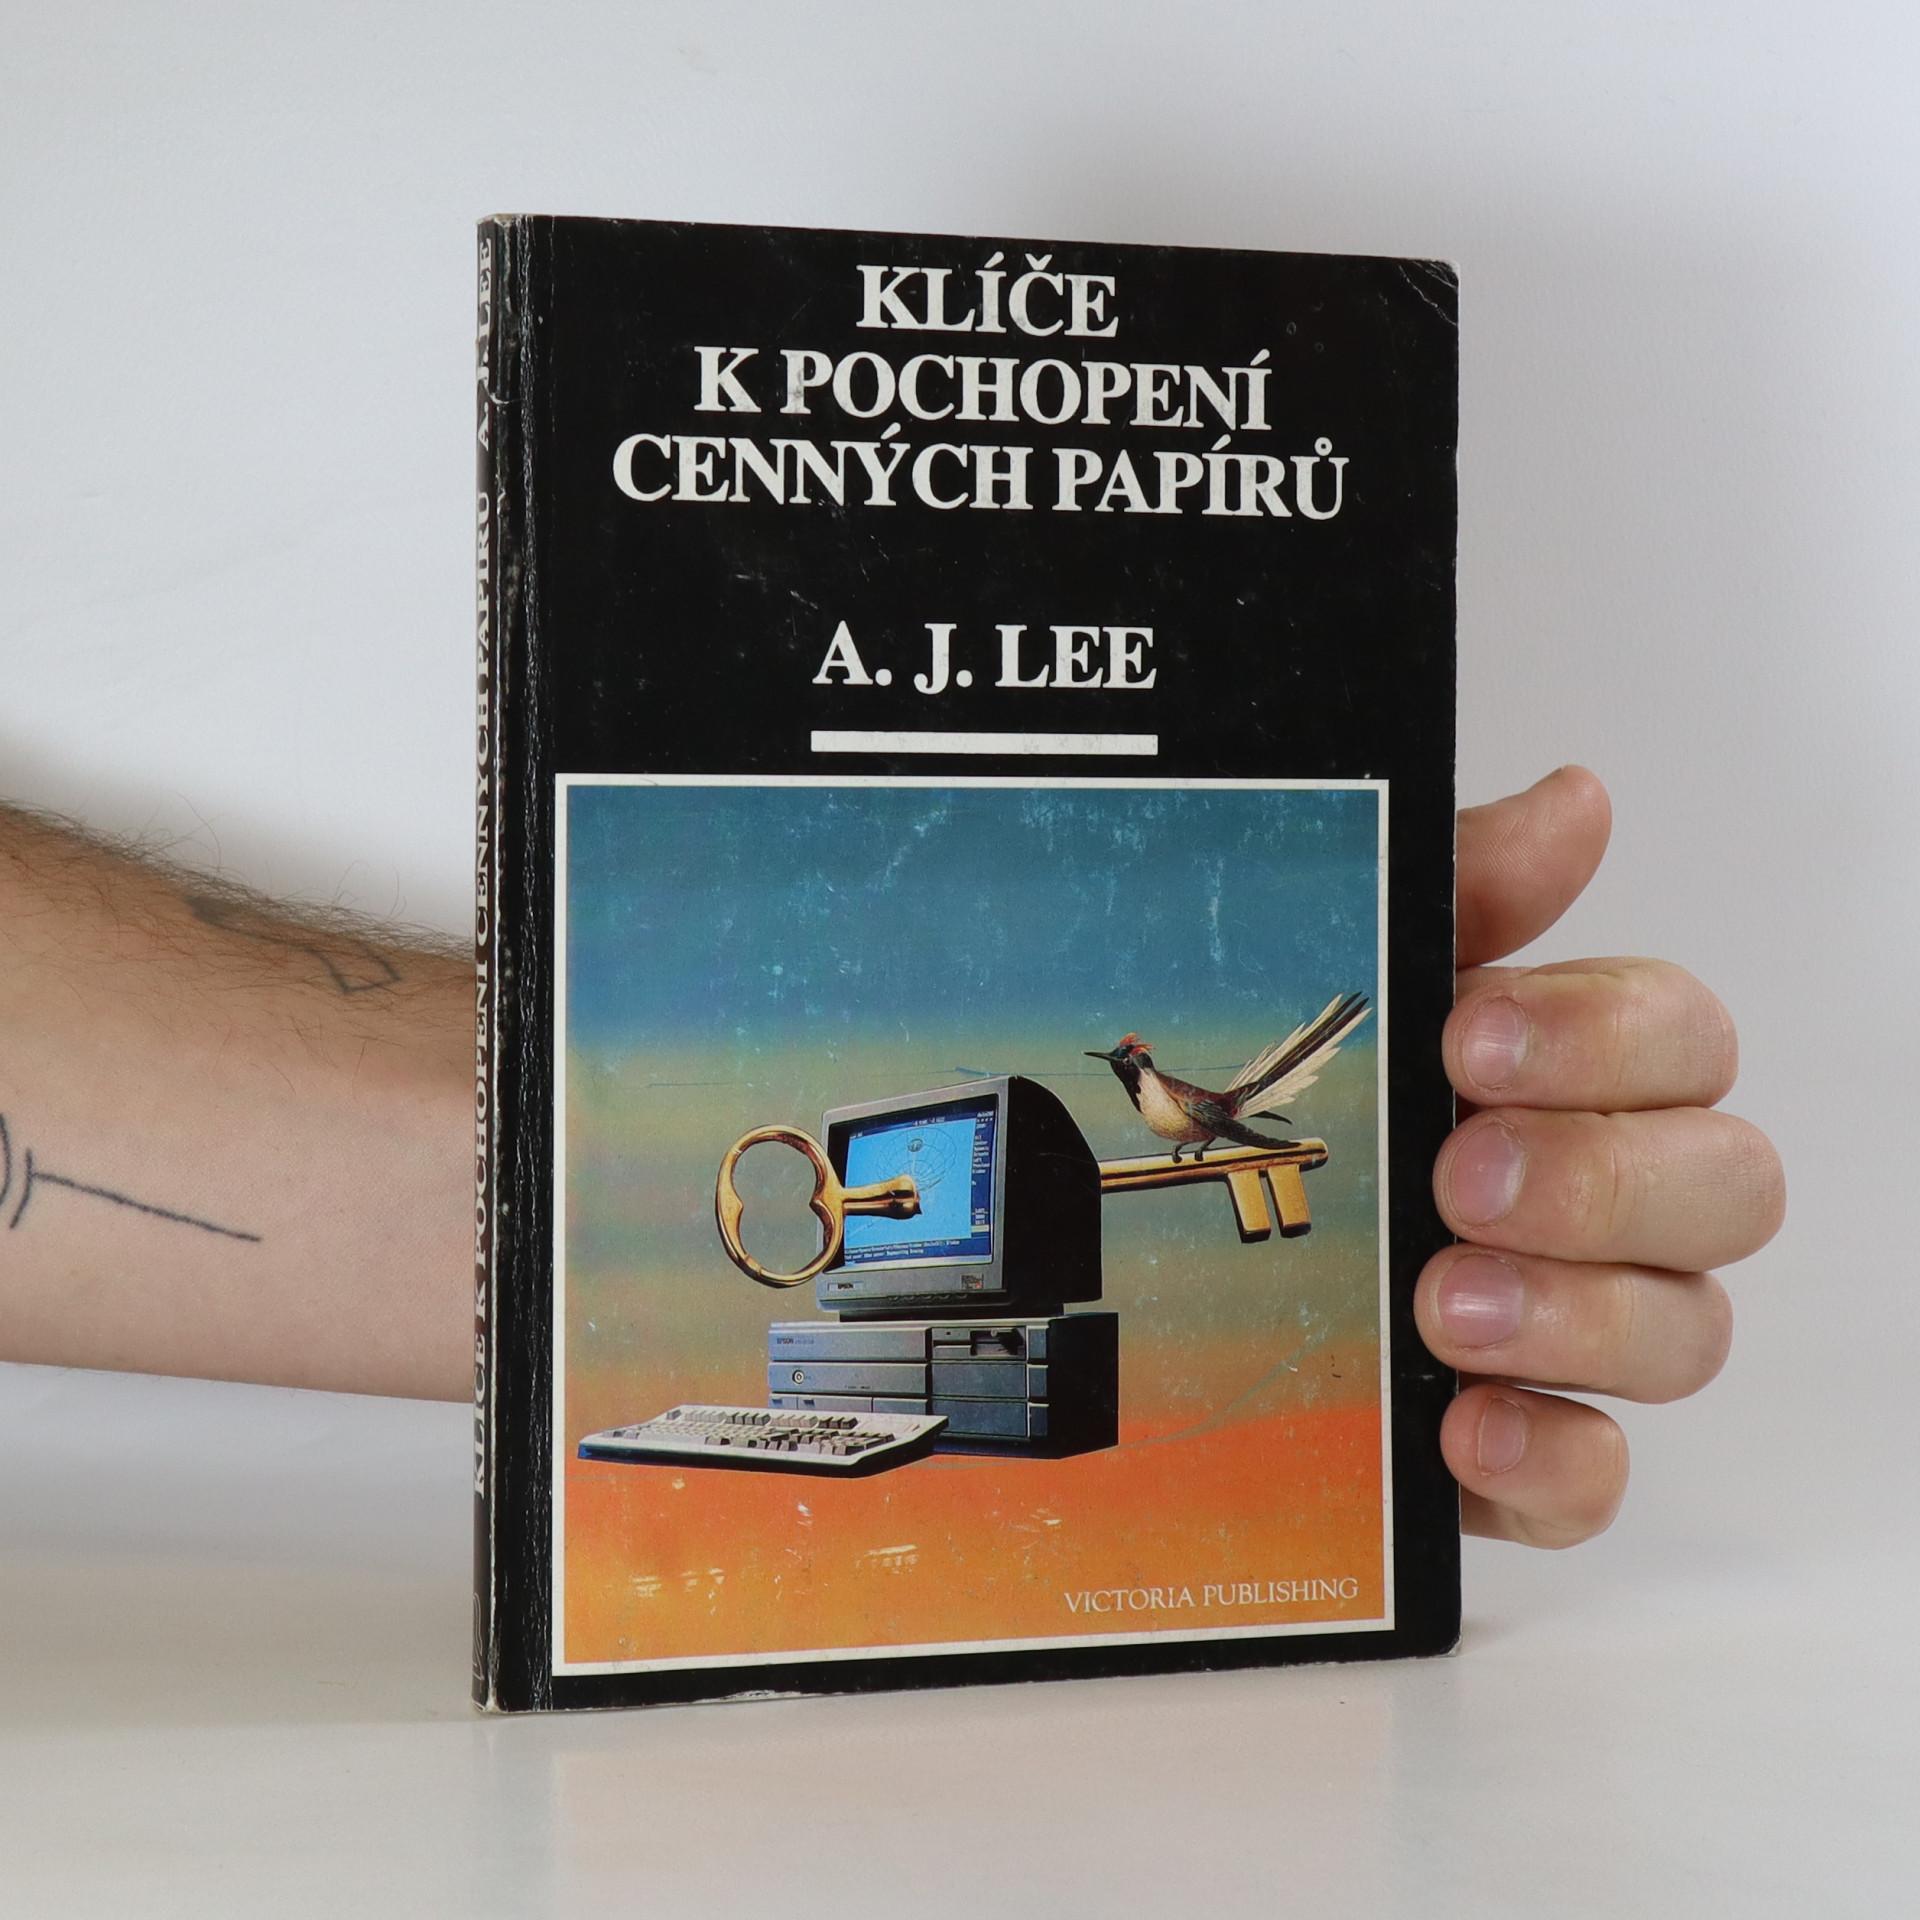 antikvární kniha Klíče k pochopení cenných papírů, neuveden